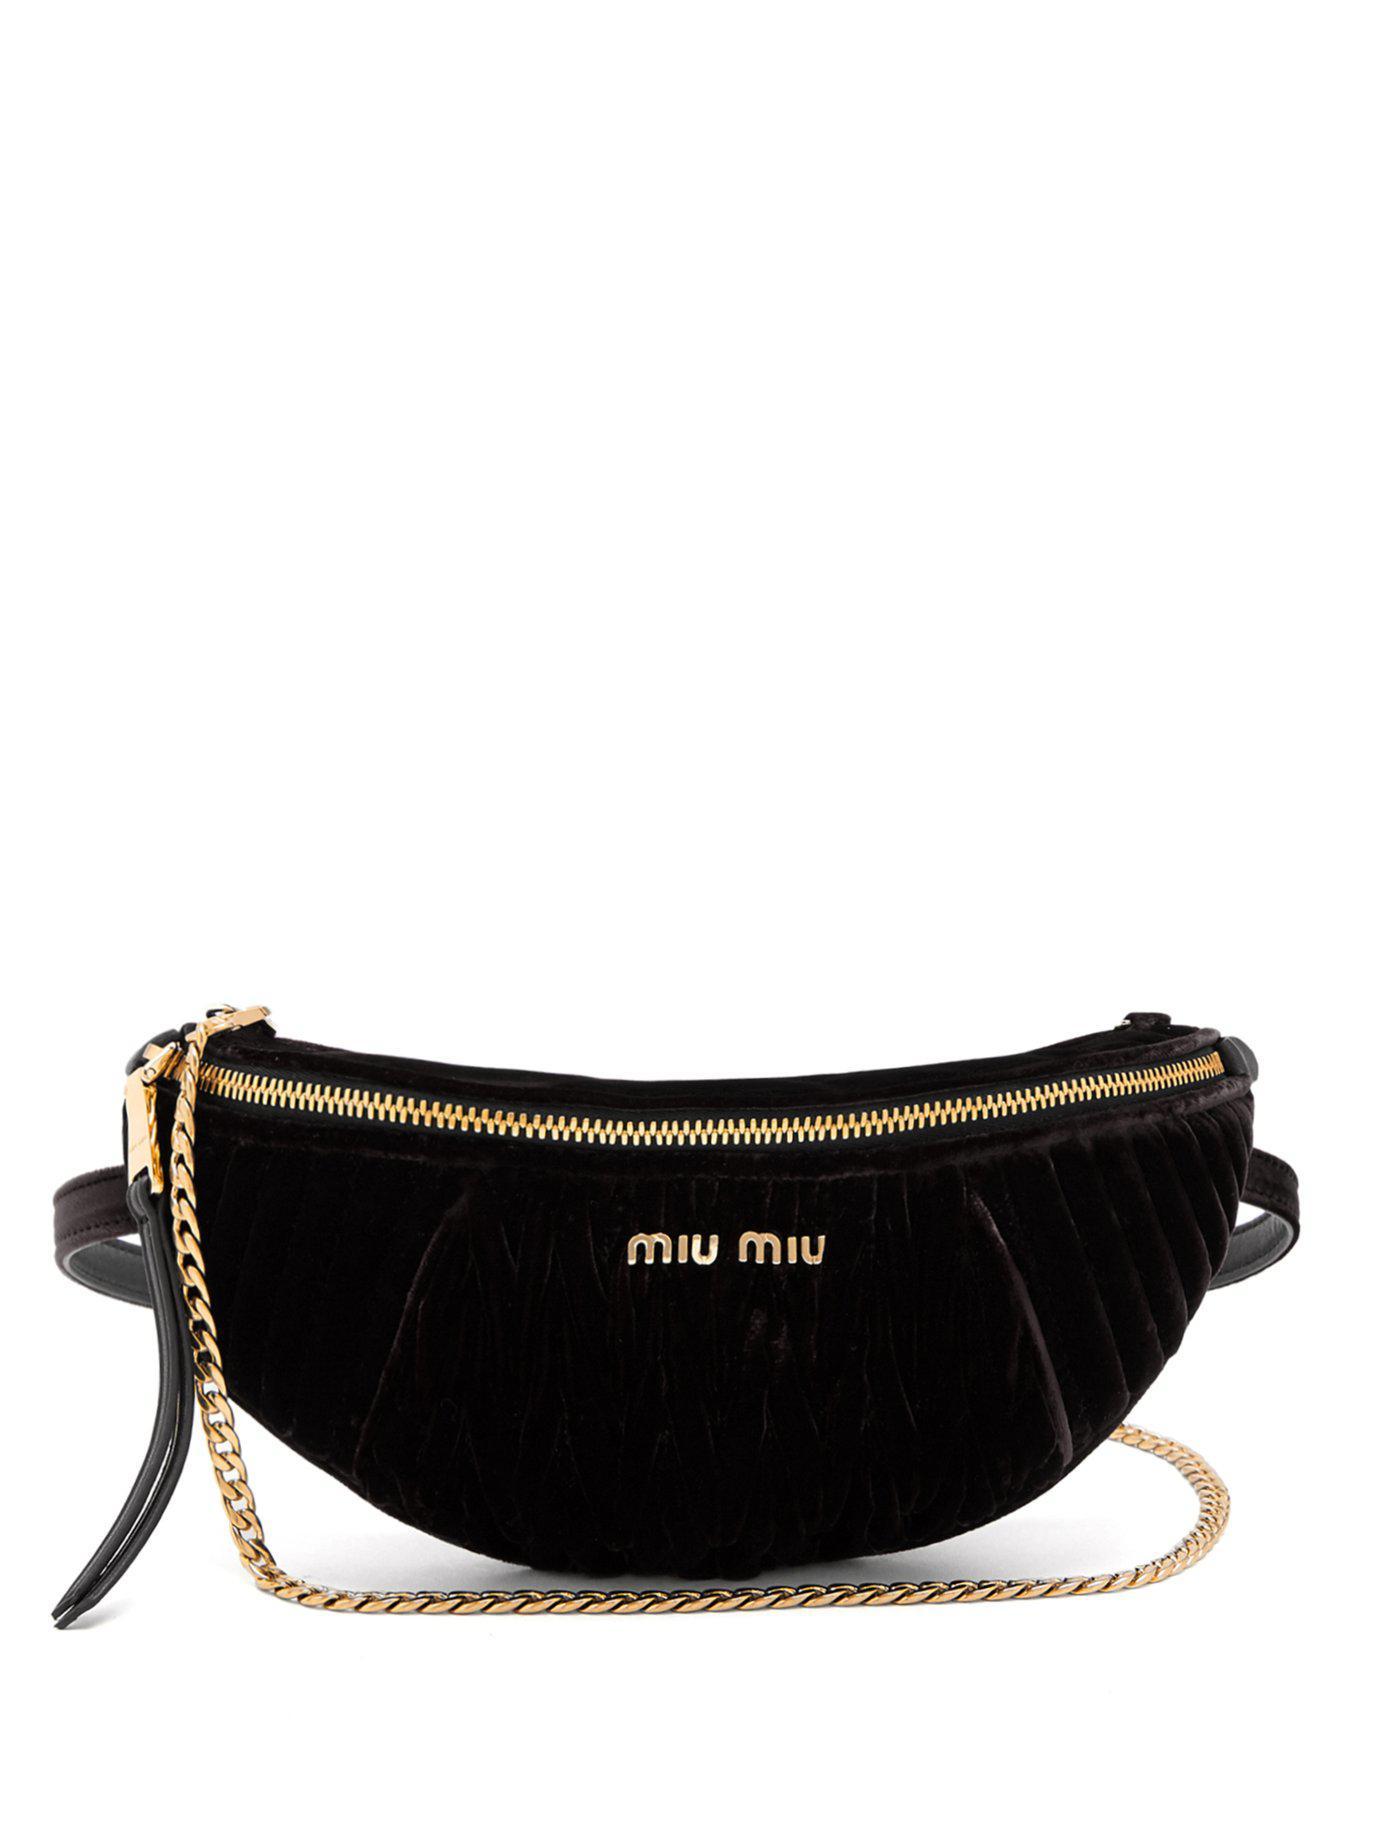 Miu Miu - Black Contrast Panel Velvet Belt Bag - Lyst. View fullscreen 65233e4478c0d